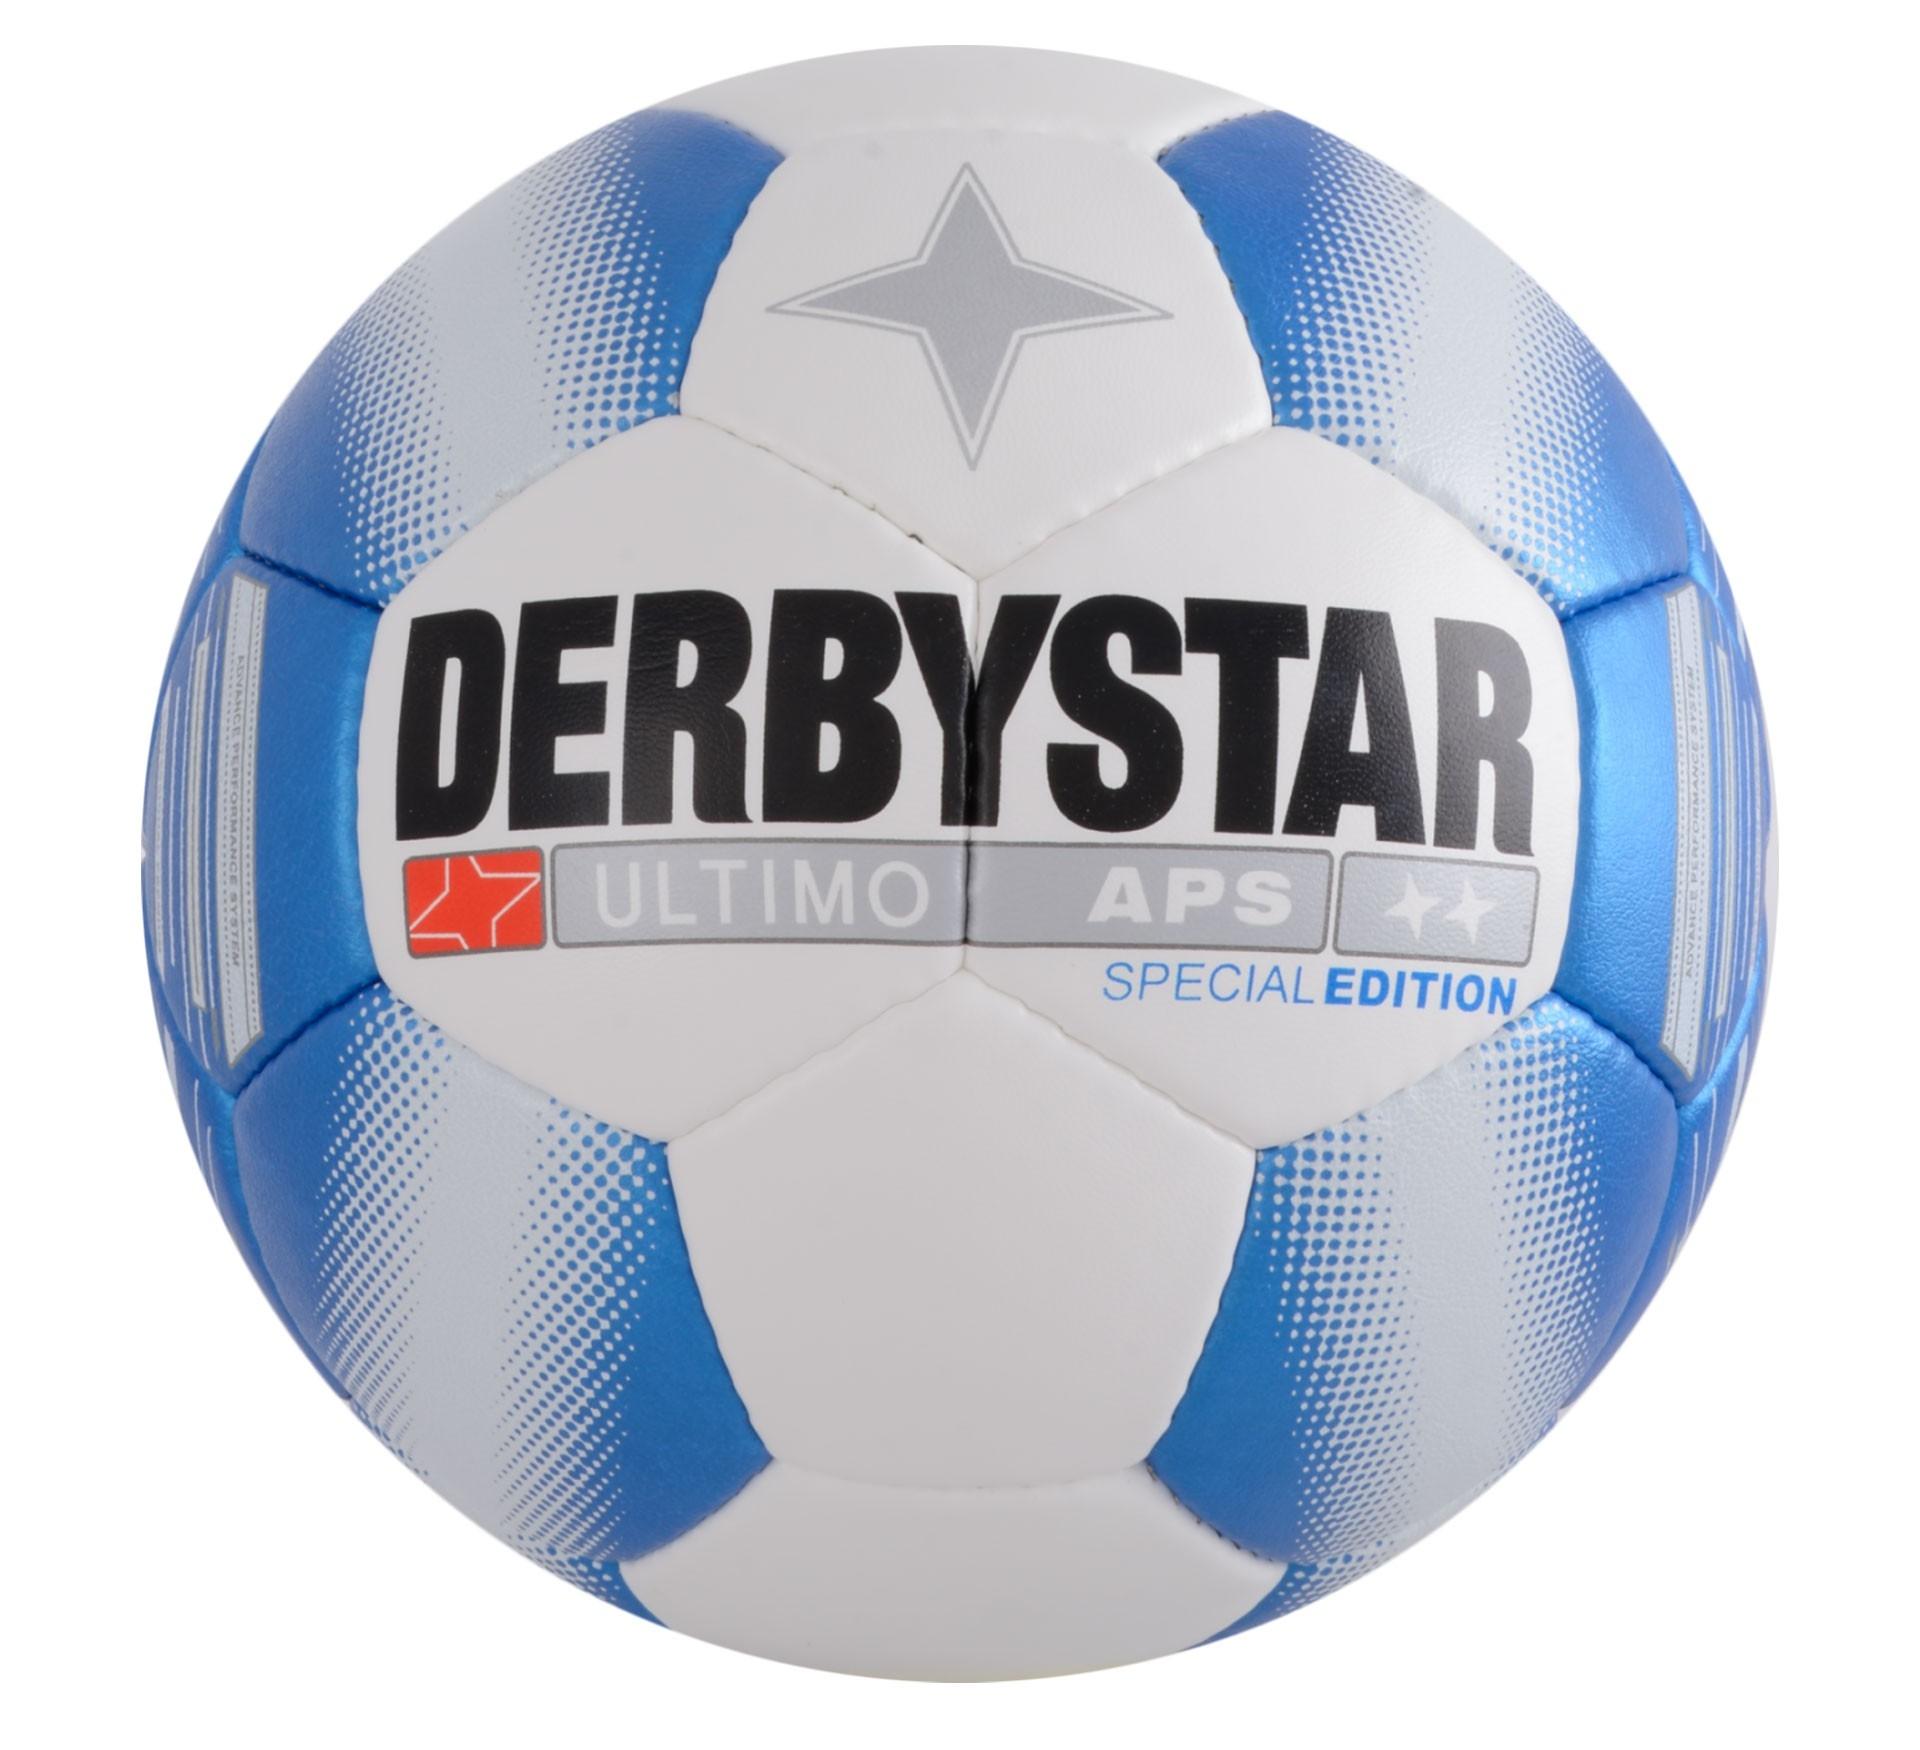 Derbystar Ultimo APS Football Edición Especial Tamaño 5 - Blanco / Azul